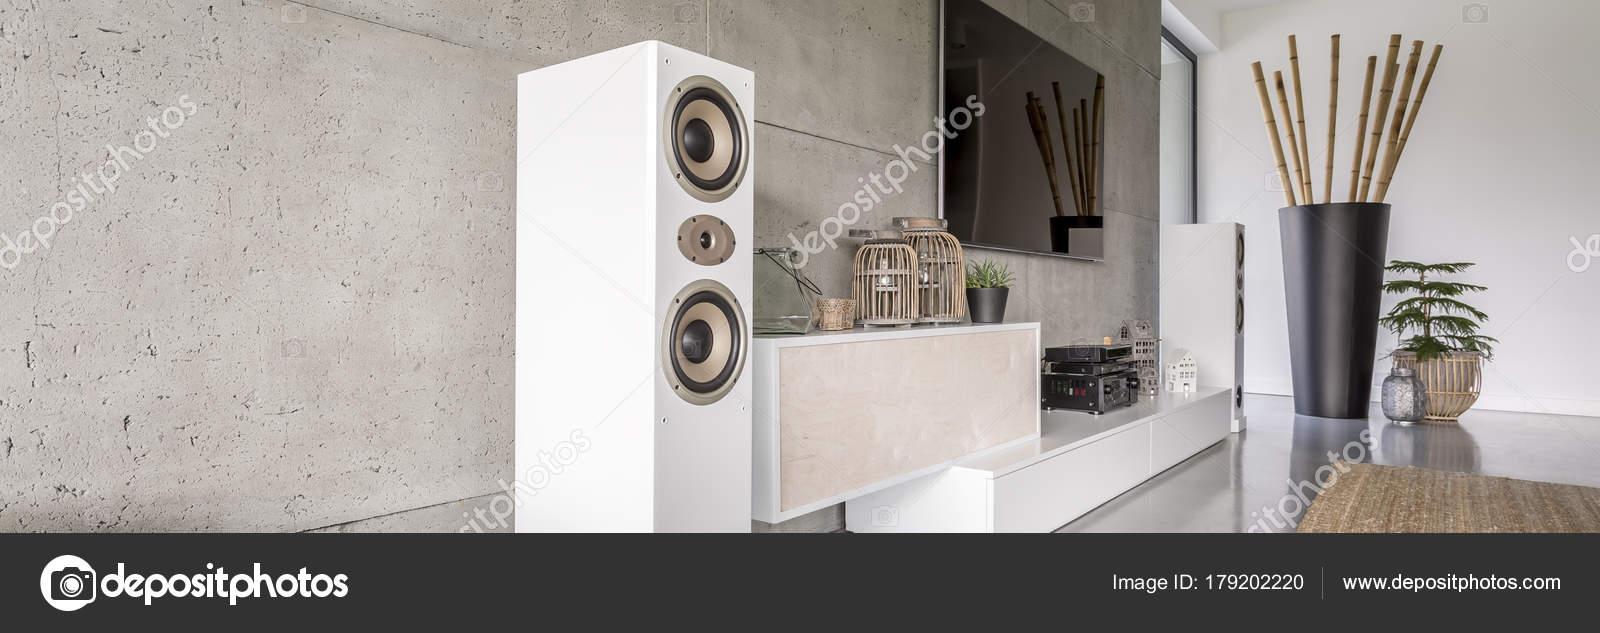 Weiße Lautsprecher in moderne Wohnzimmer — Stockfoto © photographee ...